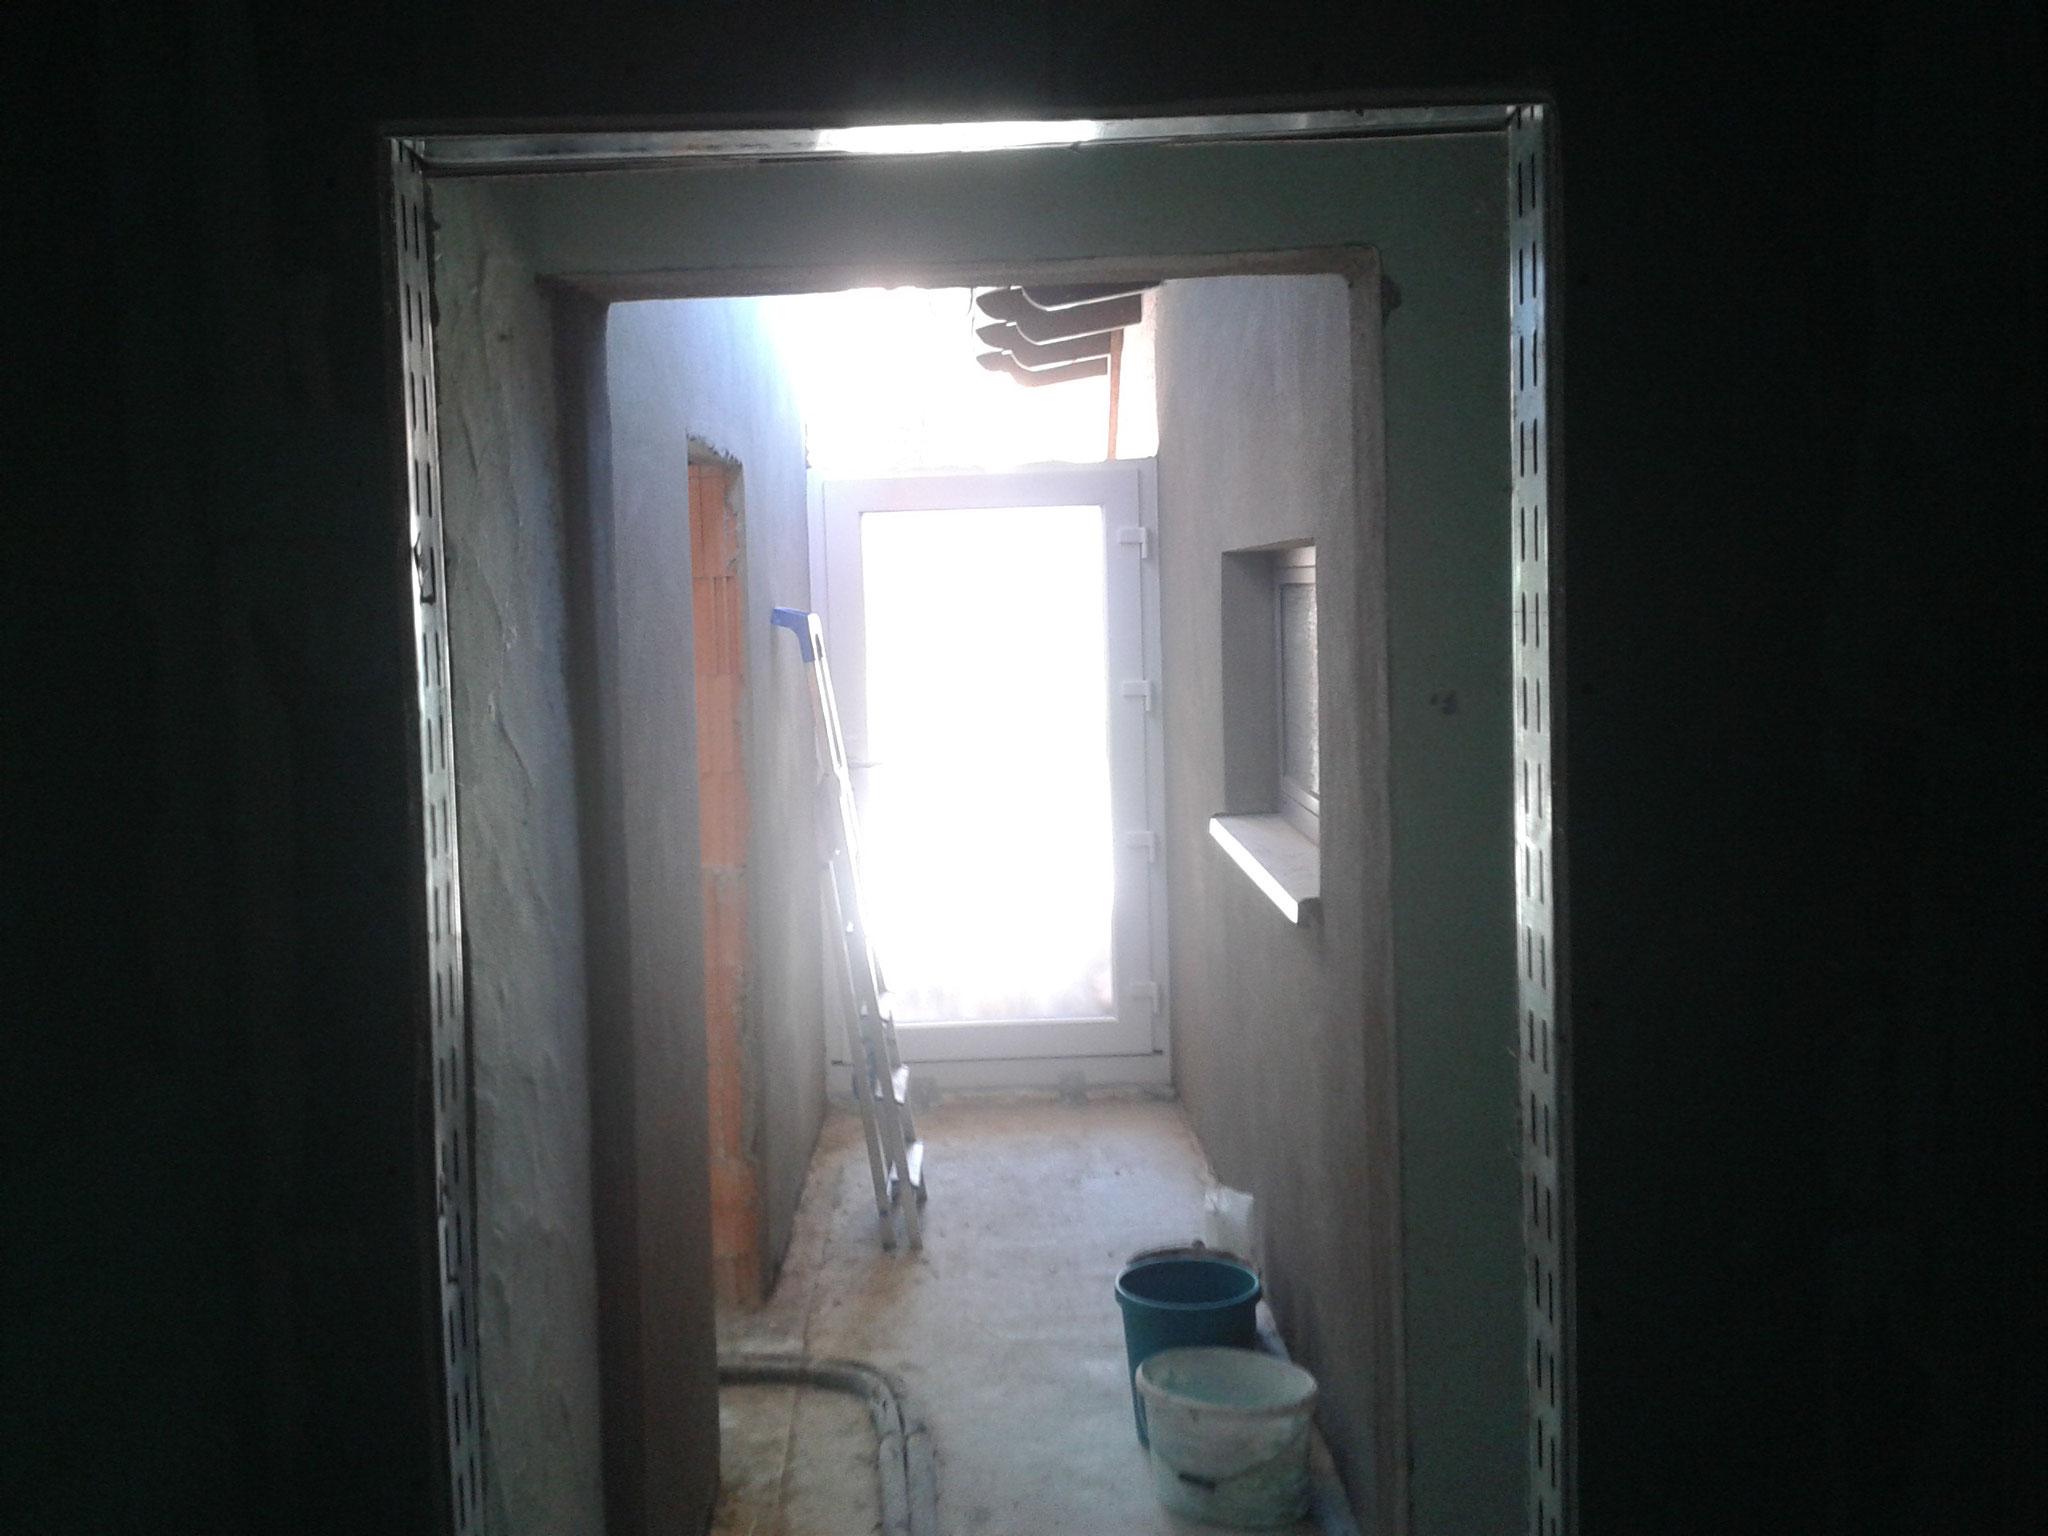 Eingangsbereich zwischen Neu- und Altbau (noch ohne Decke/Dach).